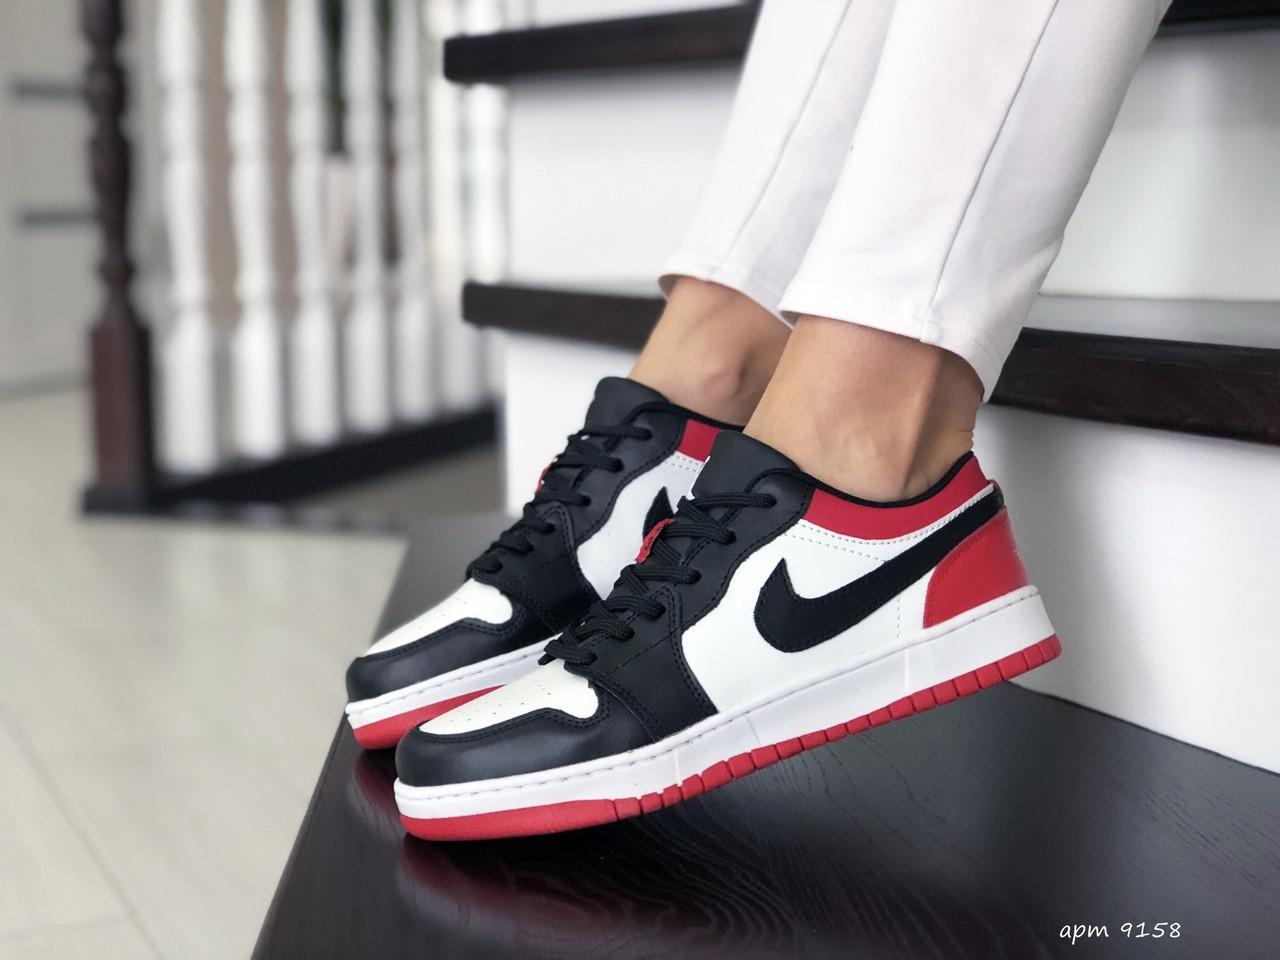 Женские кожаные кроссовки Nike Air Jordan 1 Low (бело-черные с красным) 9158